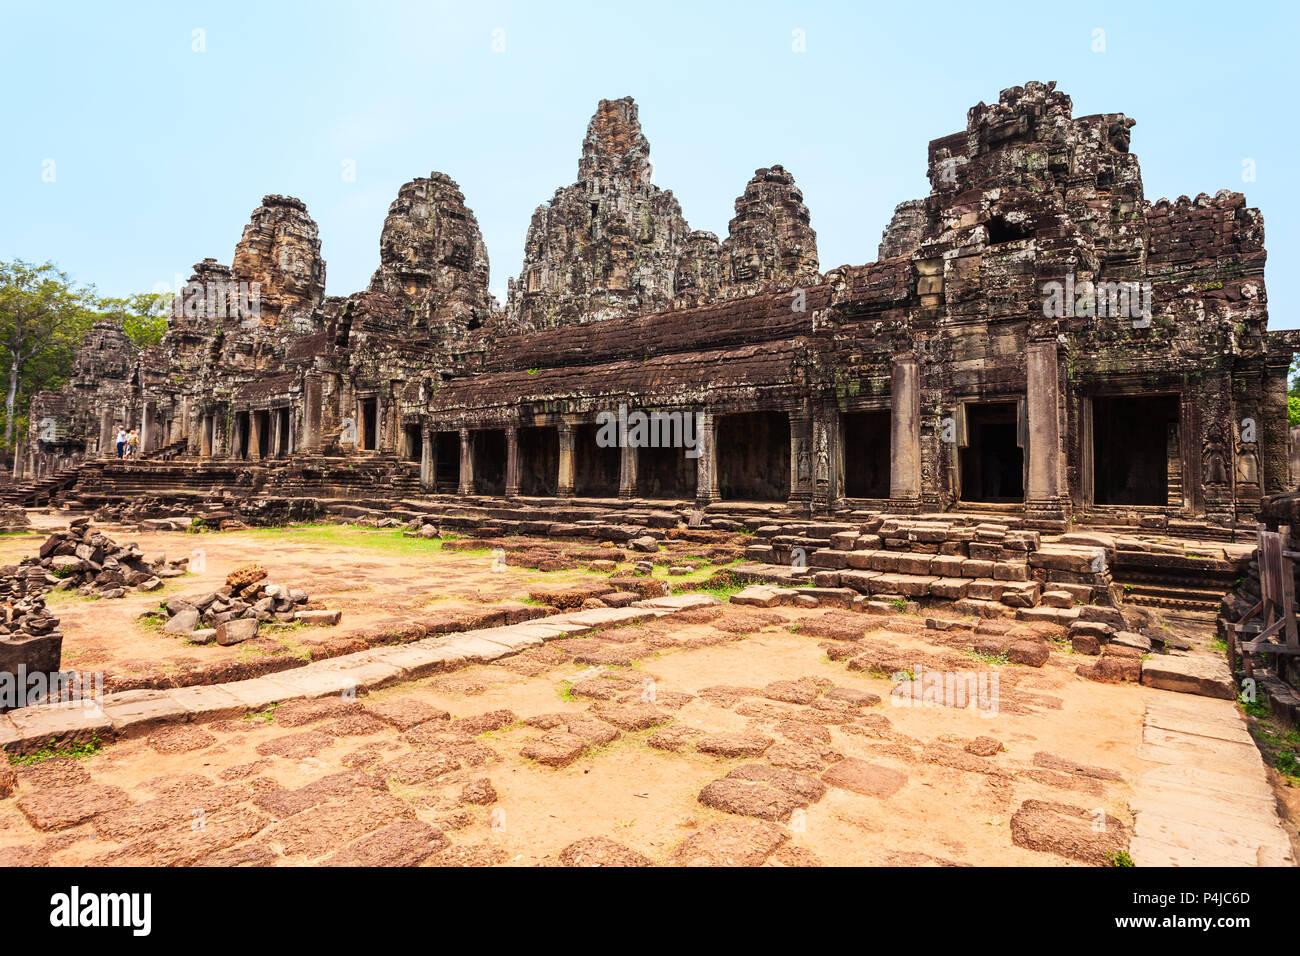 Bayon è un ben noto tempio Khmer di Angkor in Cambogia Immagini Stock